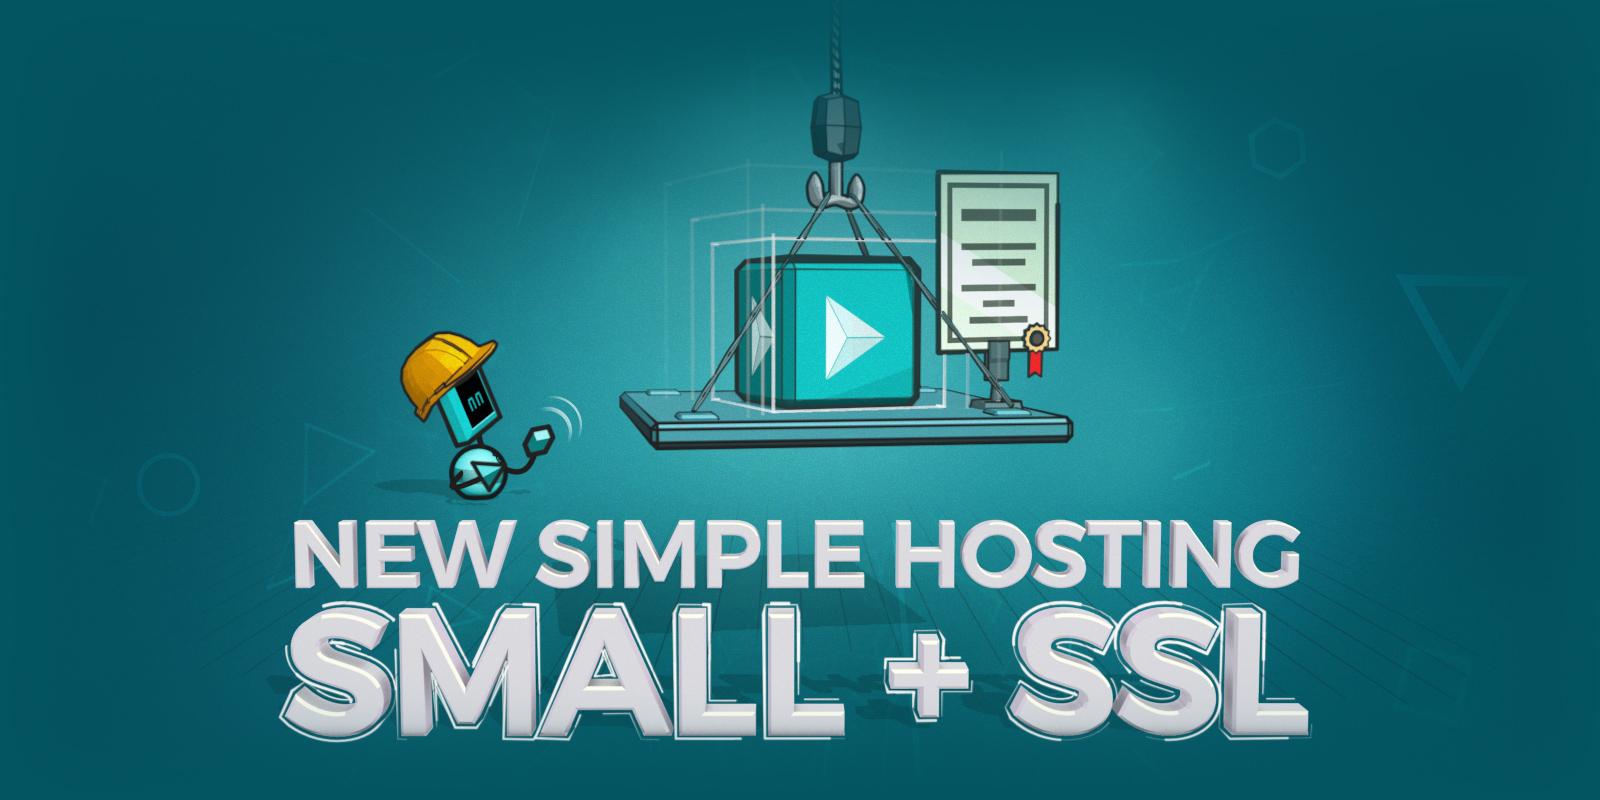 现在购买  Simple Hosting 小型 + SSL 方案只需要 S 方案的价钱!